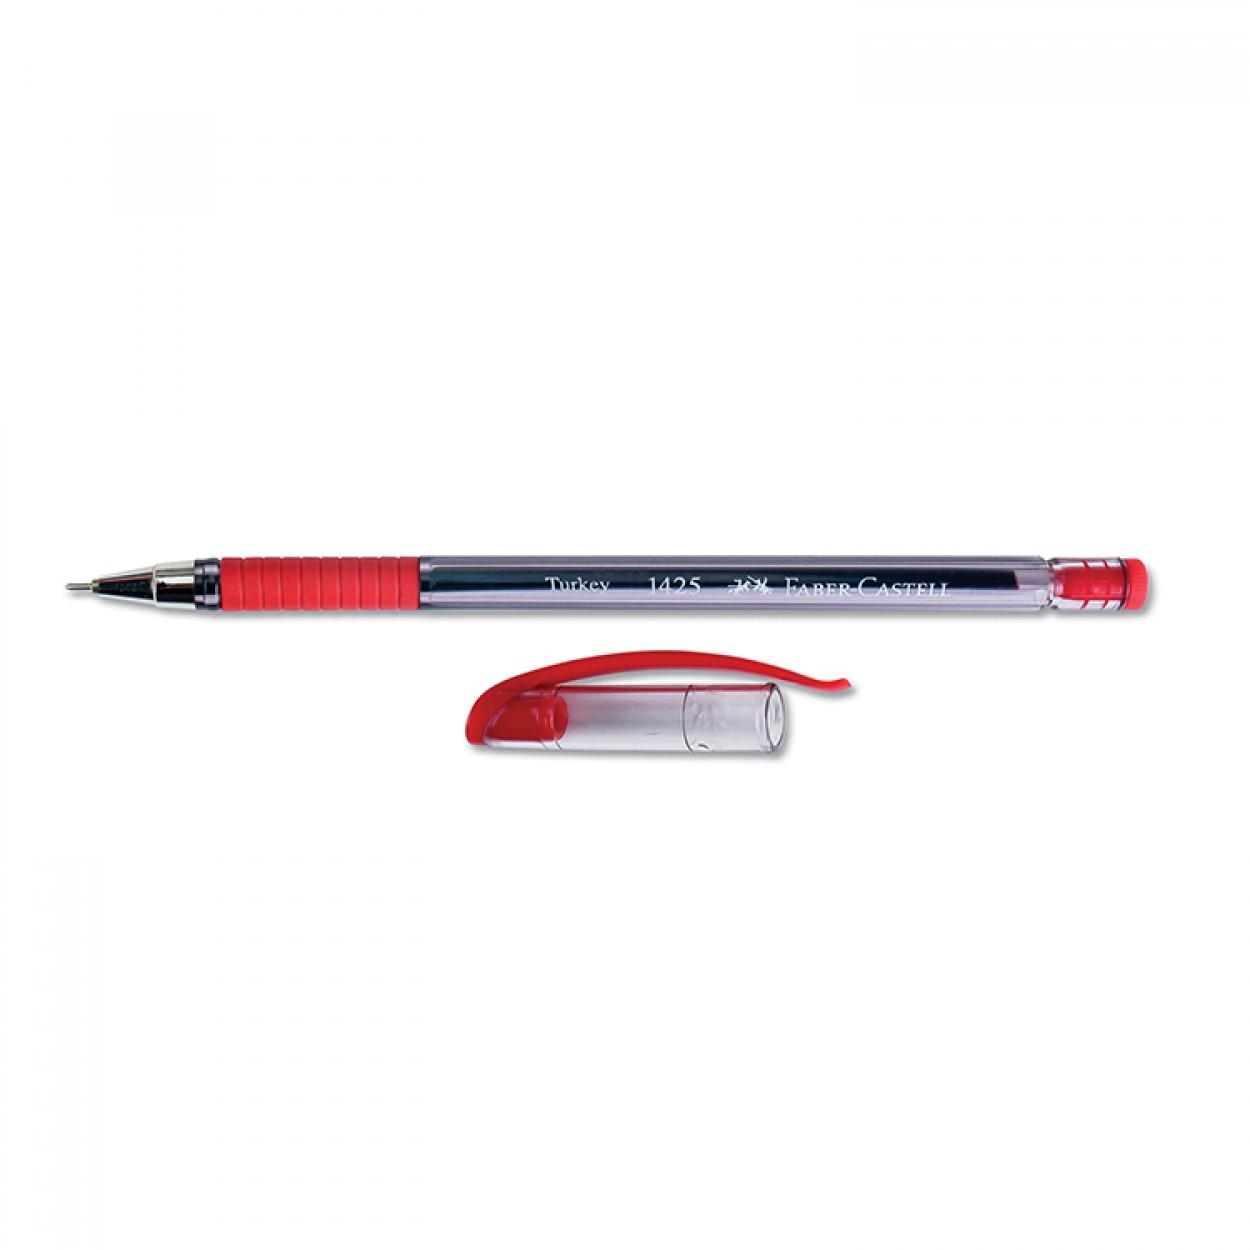 Faber-Castell 1425 Tükenmez Kalem İğne Uç 0.7 mm Kırmızı